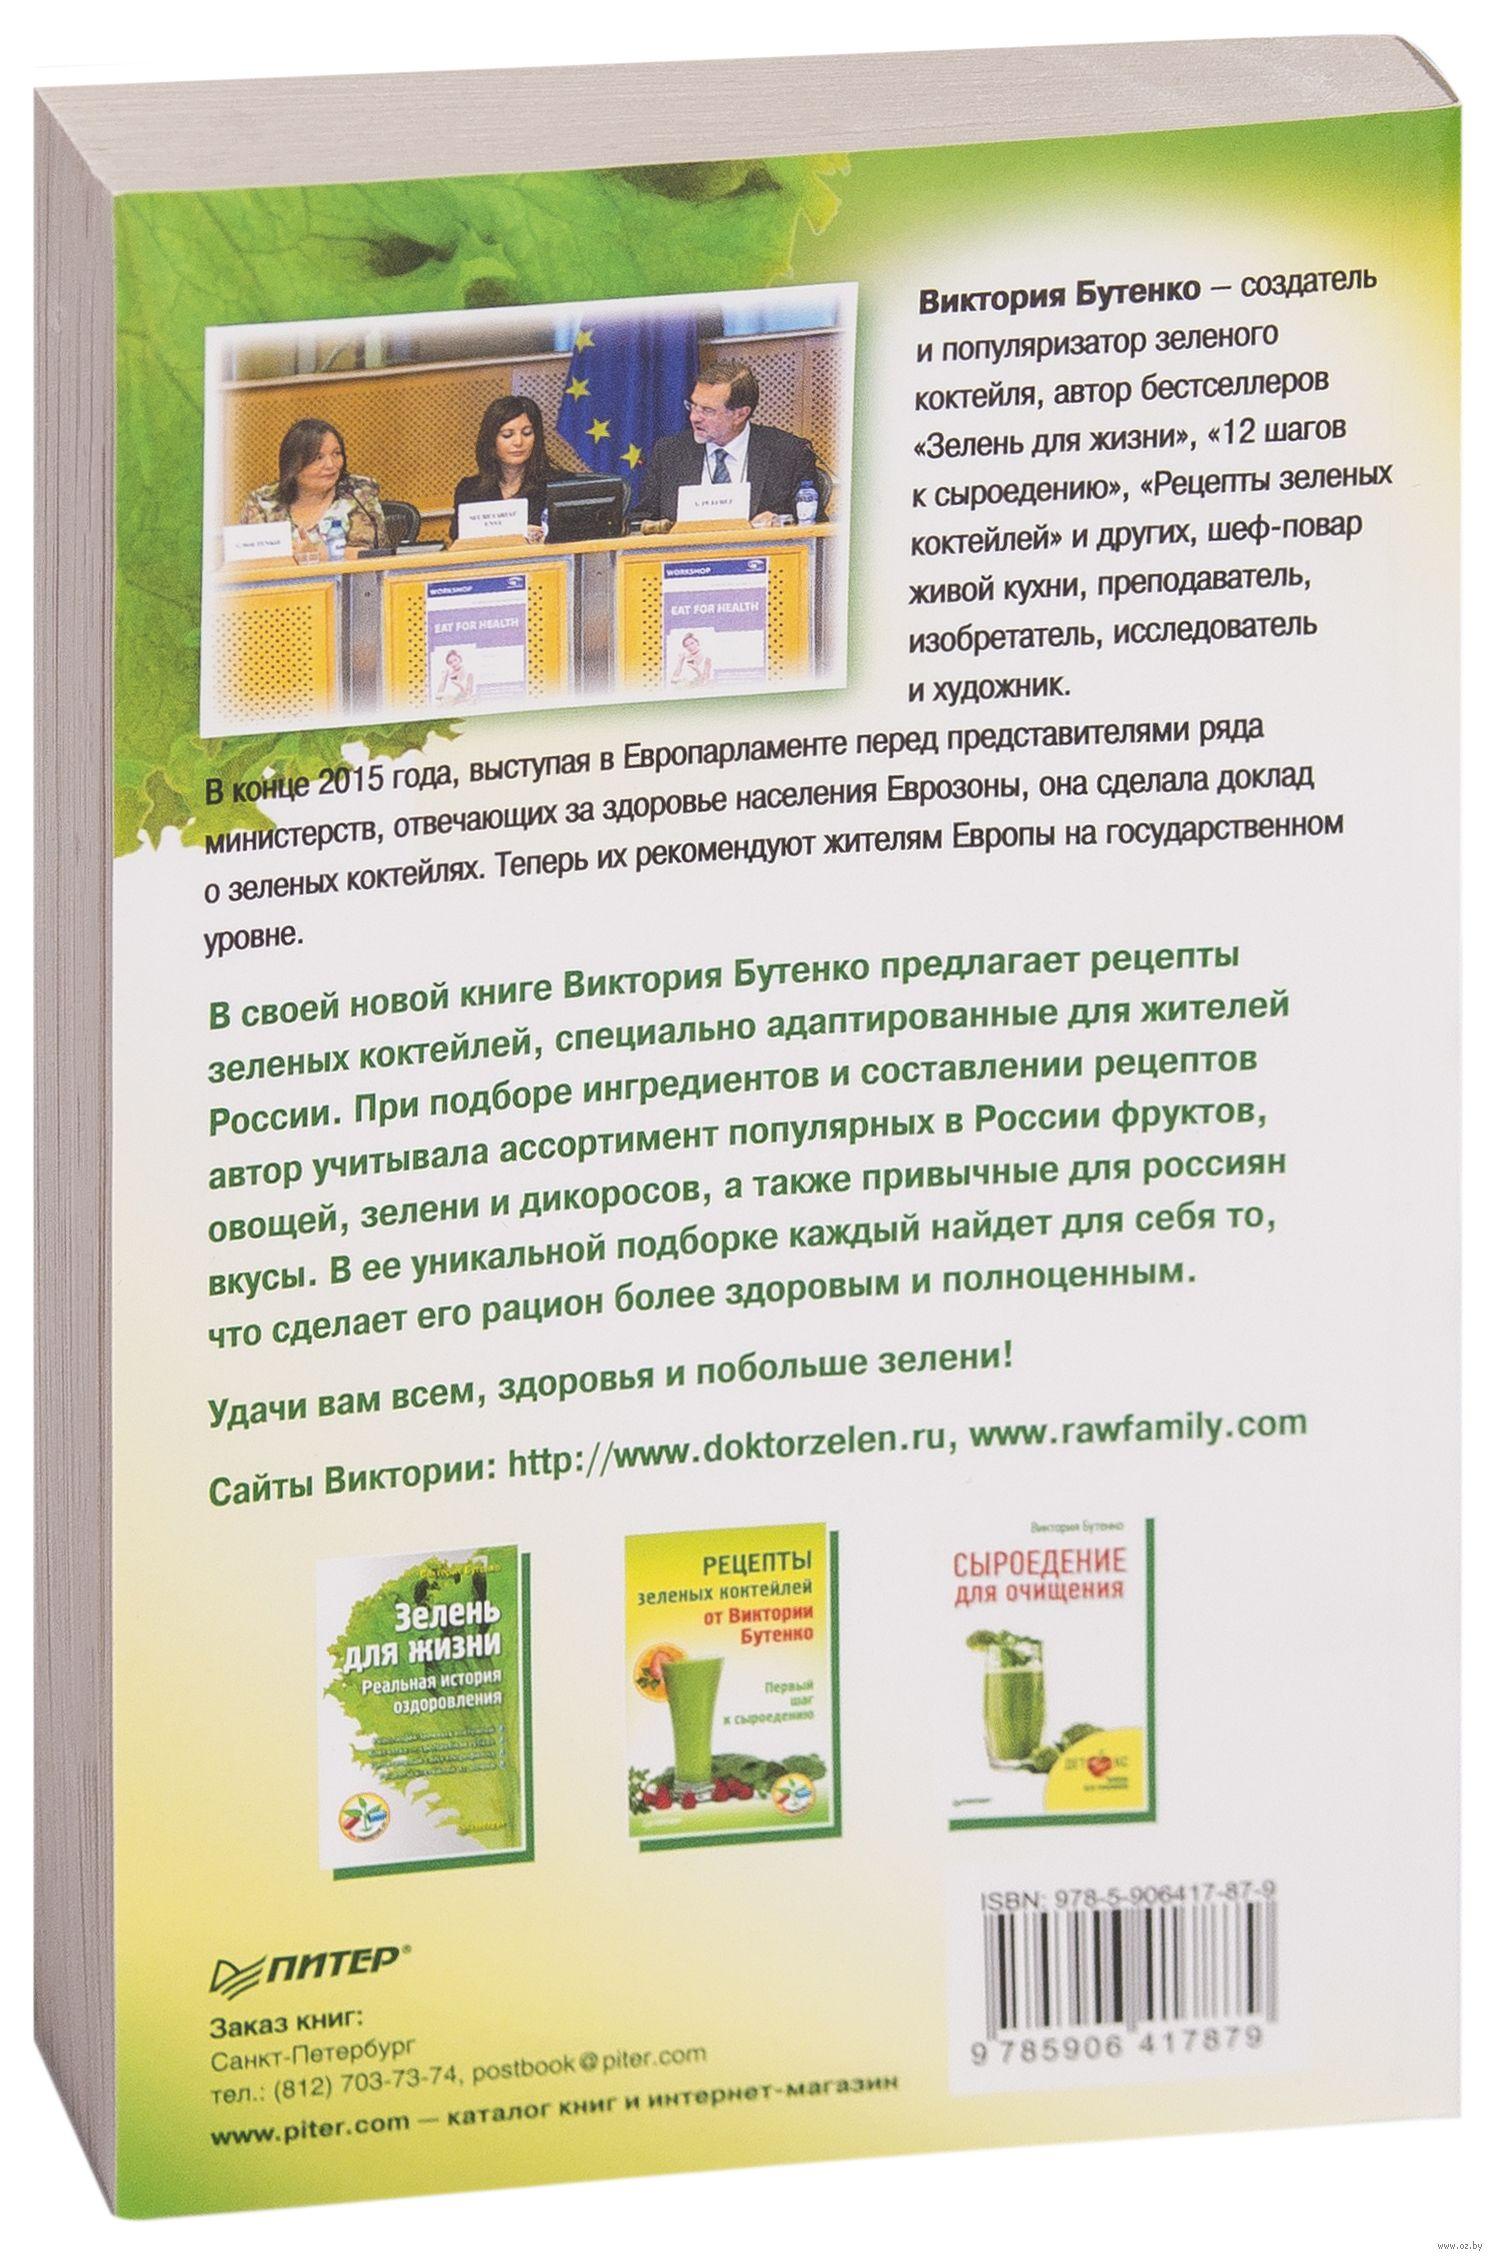 зелень для жизни рецепты зелёных коктейлей